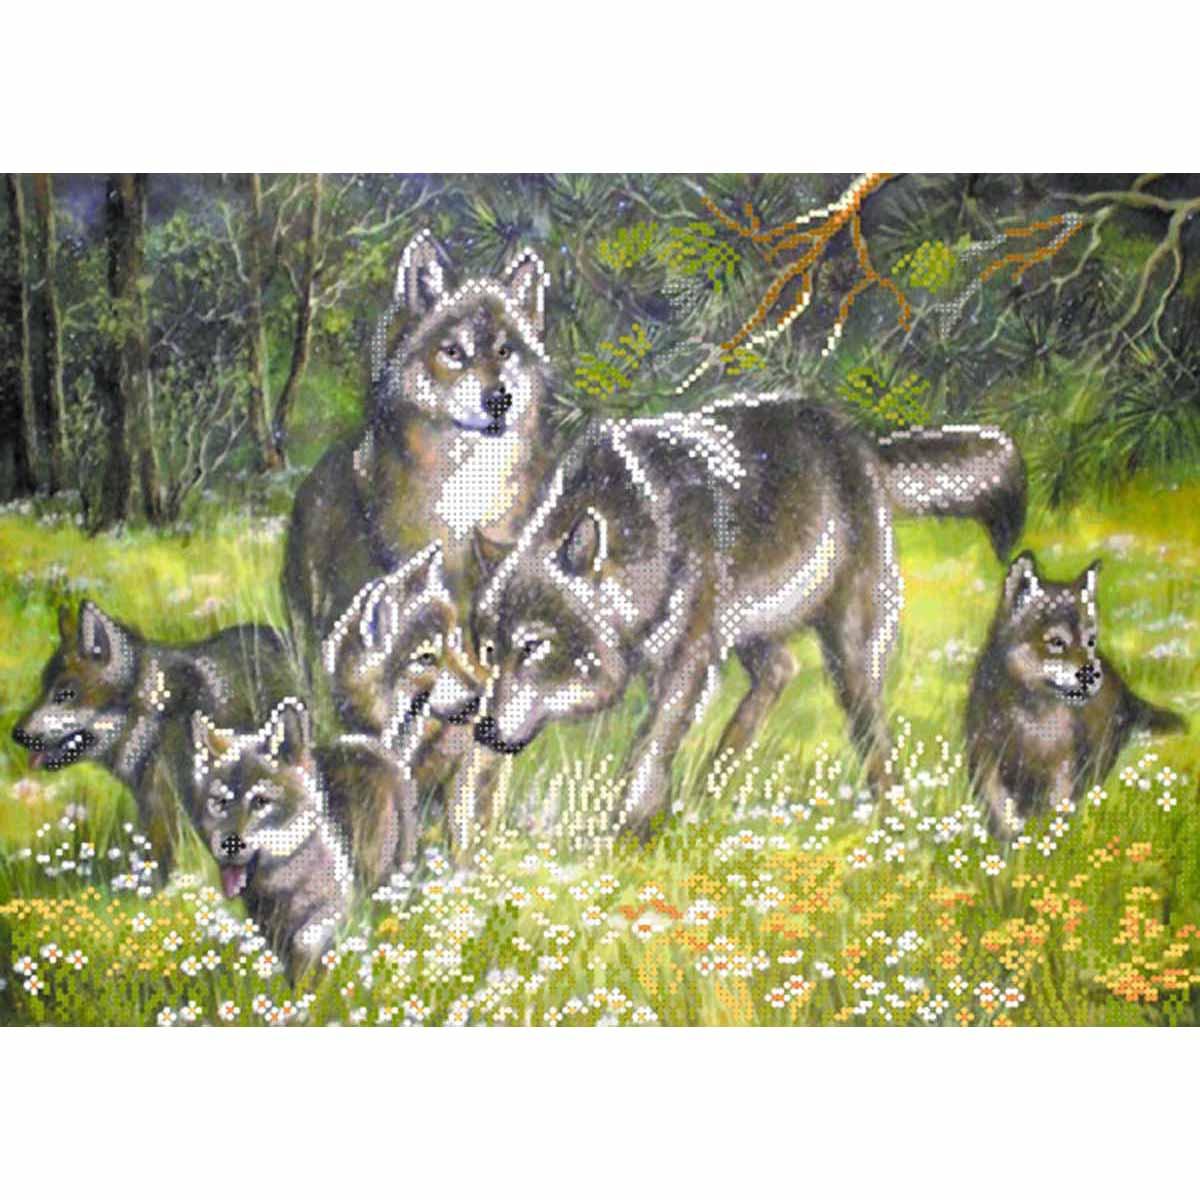 4004 Рисунок на шелке Матренин посад 'Волки' 33*45см (37*49см)